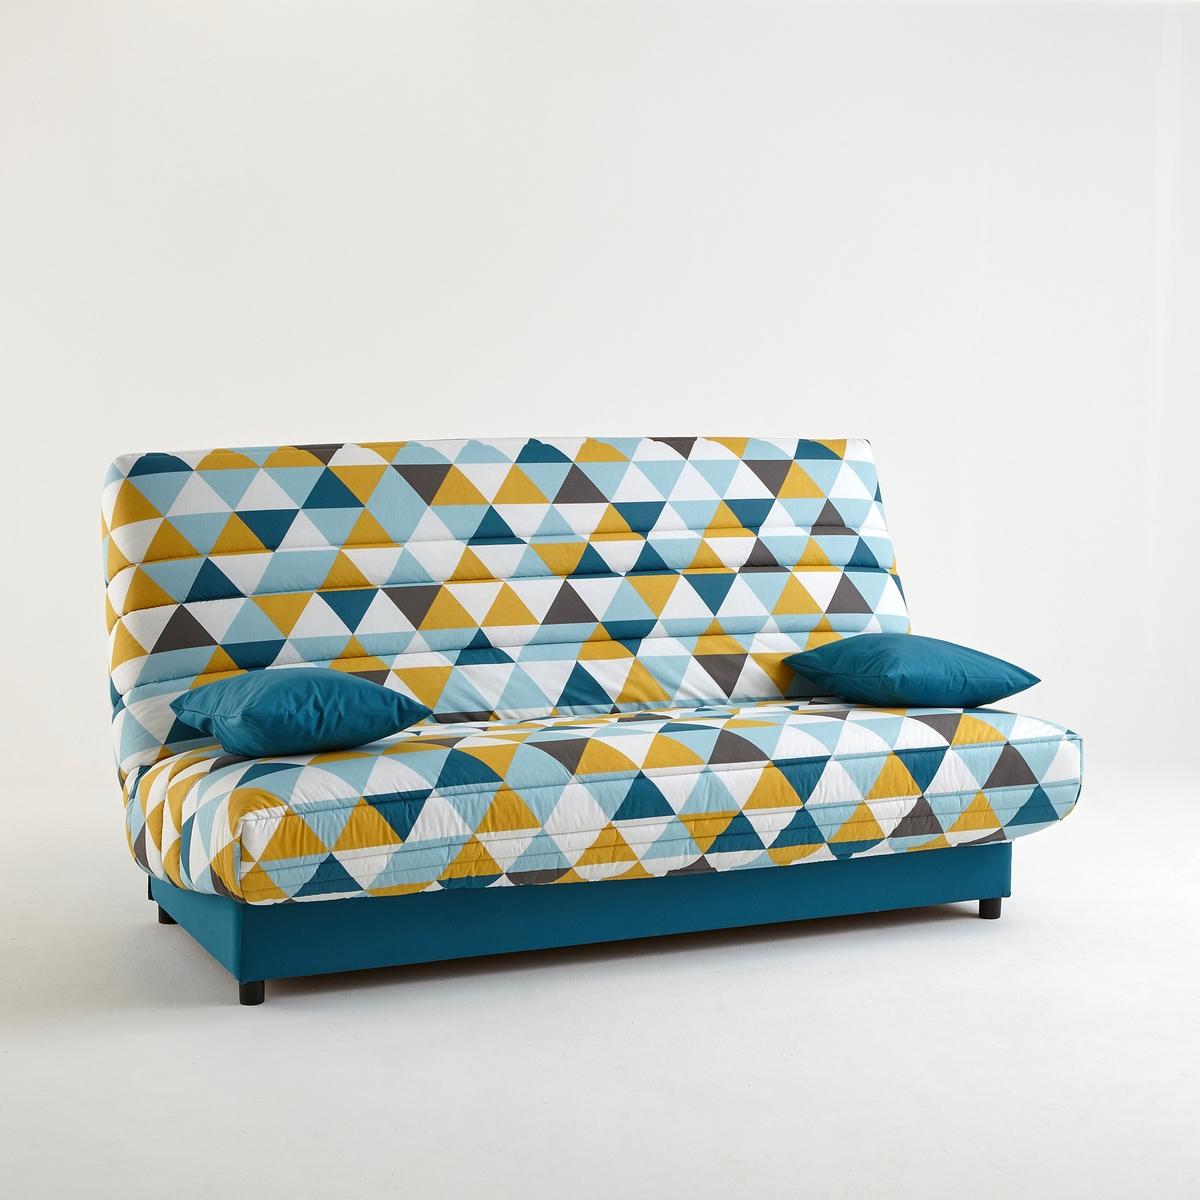 Чехол стеганый для дивана-книжки и складной тумбы, 250 г/м² от La Redoute